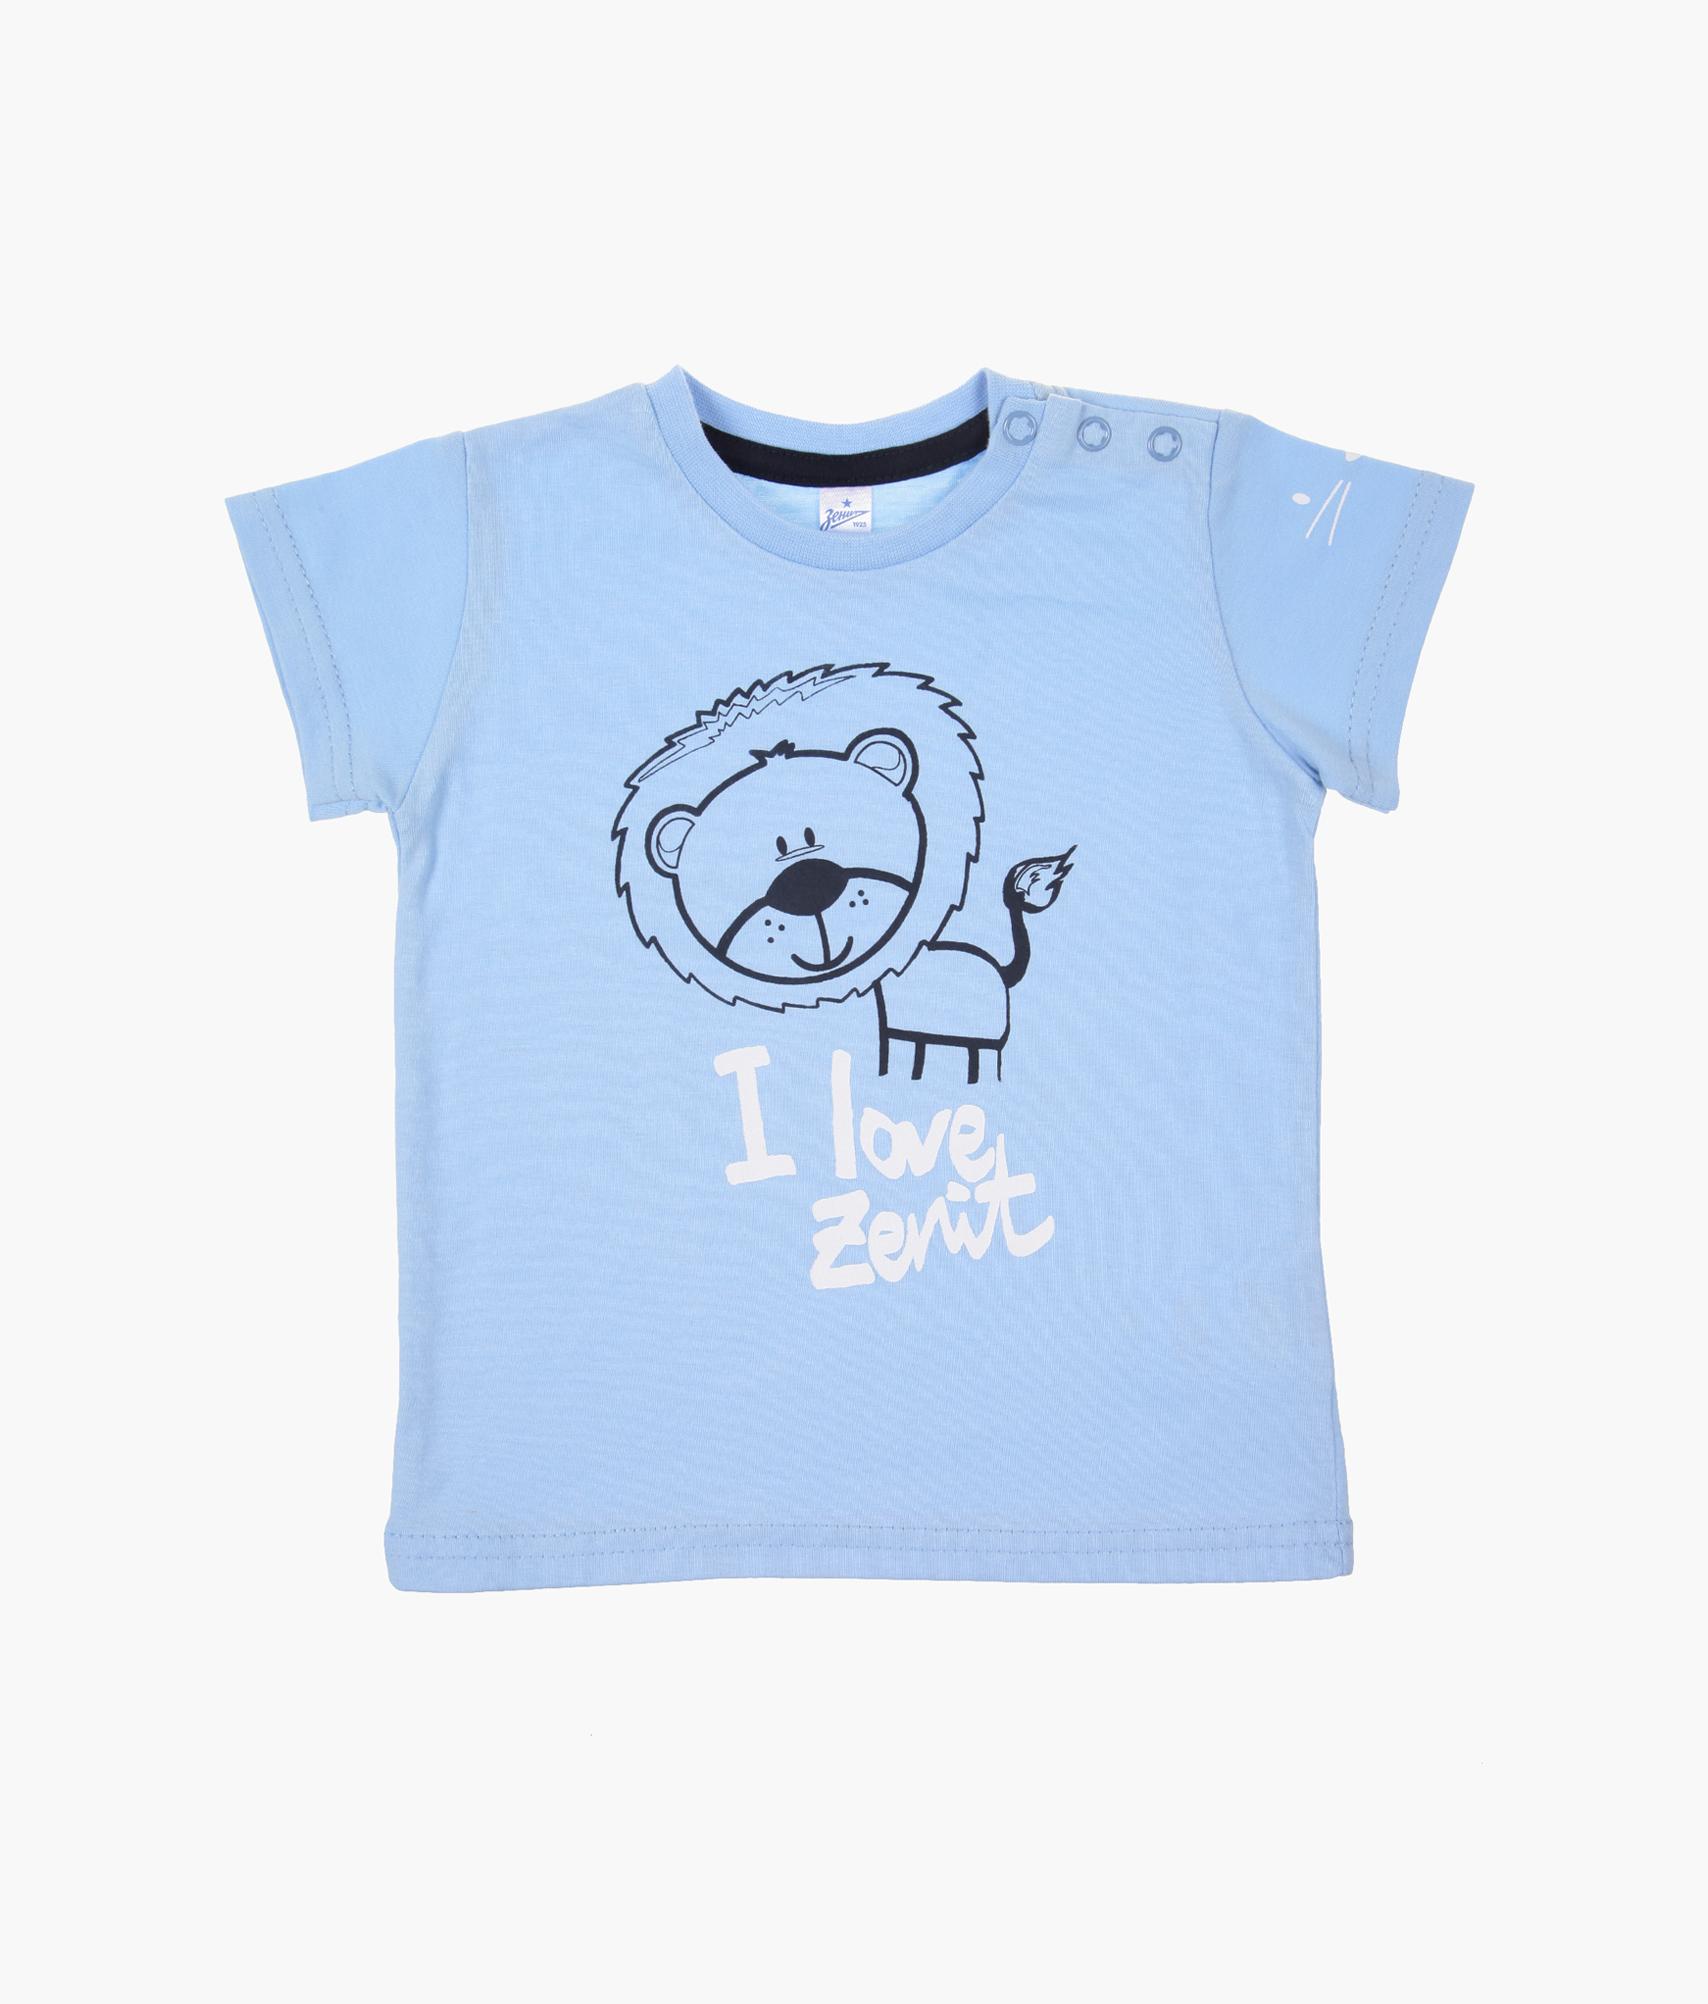 Футболка детская Зенит Зенит Цвет-Голубой футболка зенит со своей фамилией